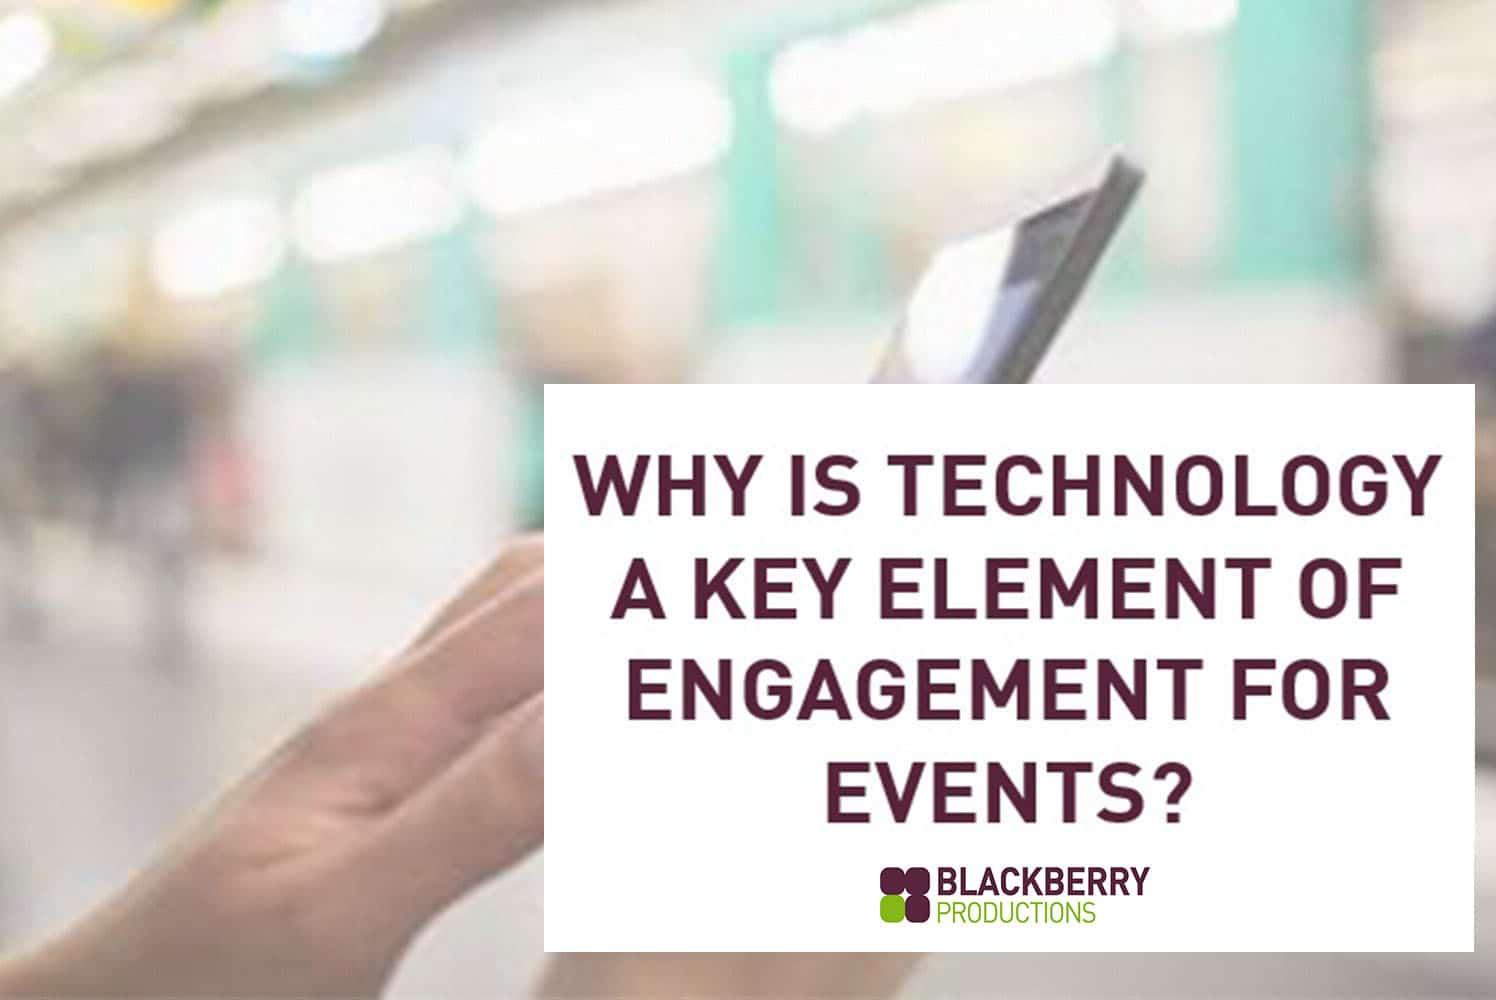 WhyIsTechnologyAKeyElement